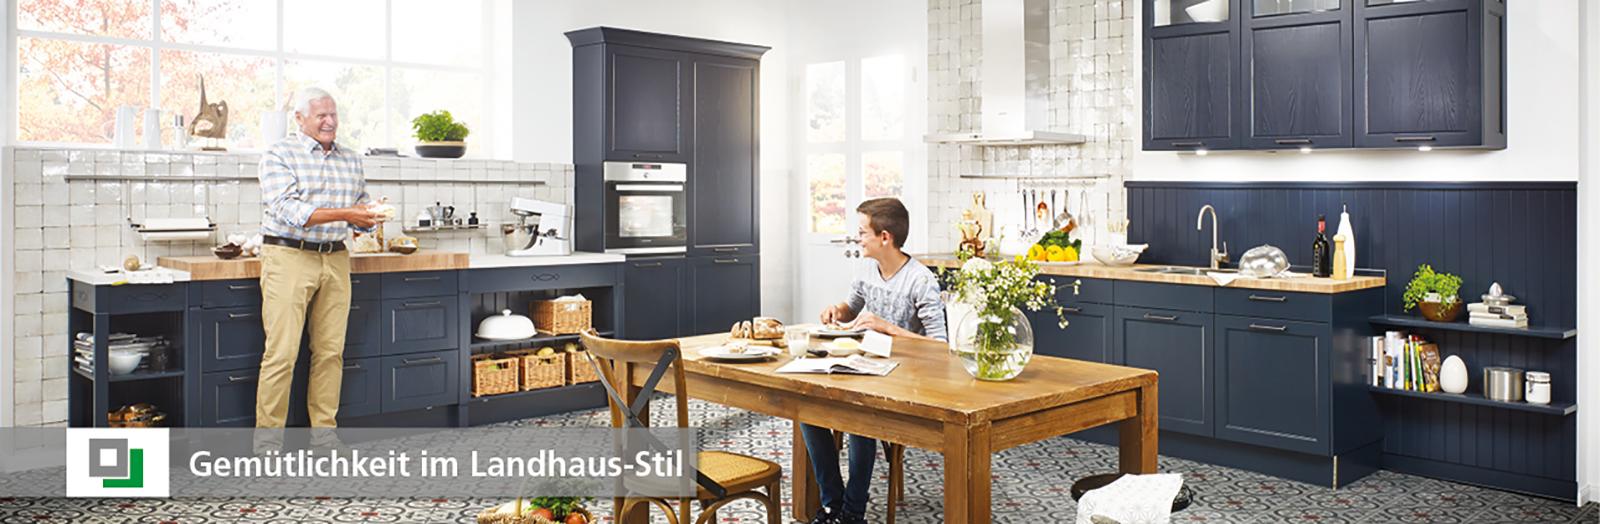 Gemütliche Landhausküchen - Küche und Raum, 82152 Planegg, 85072 Eichstätt